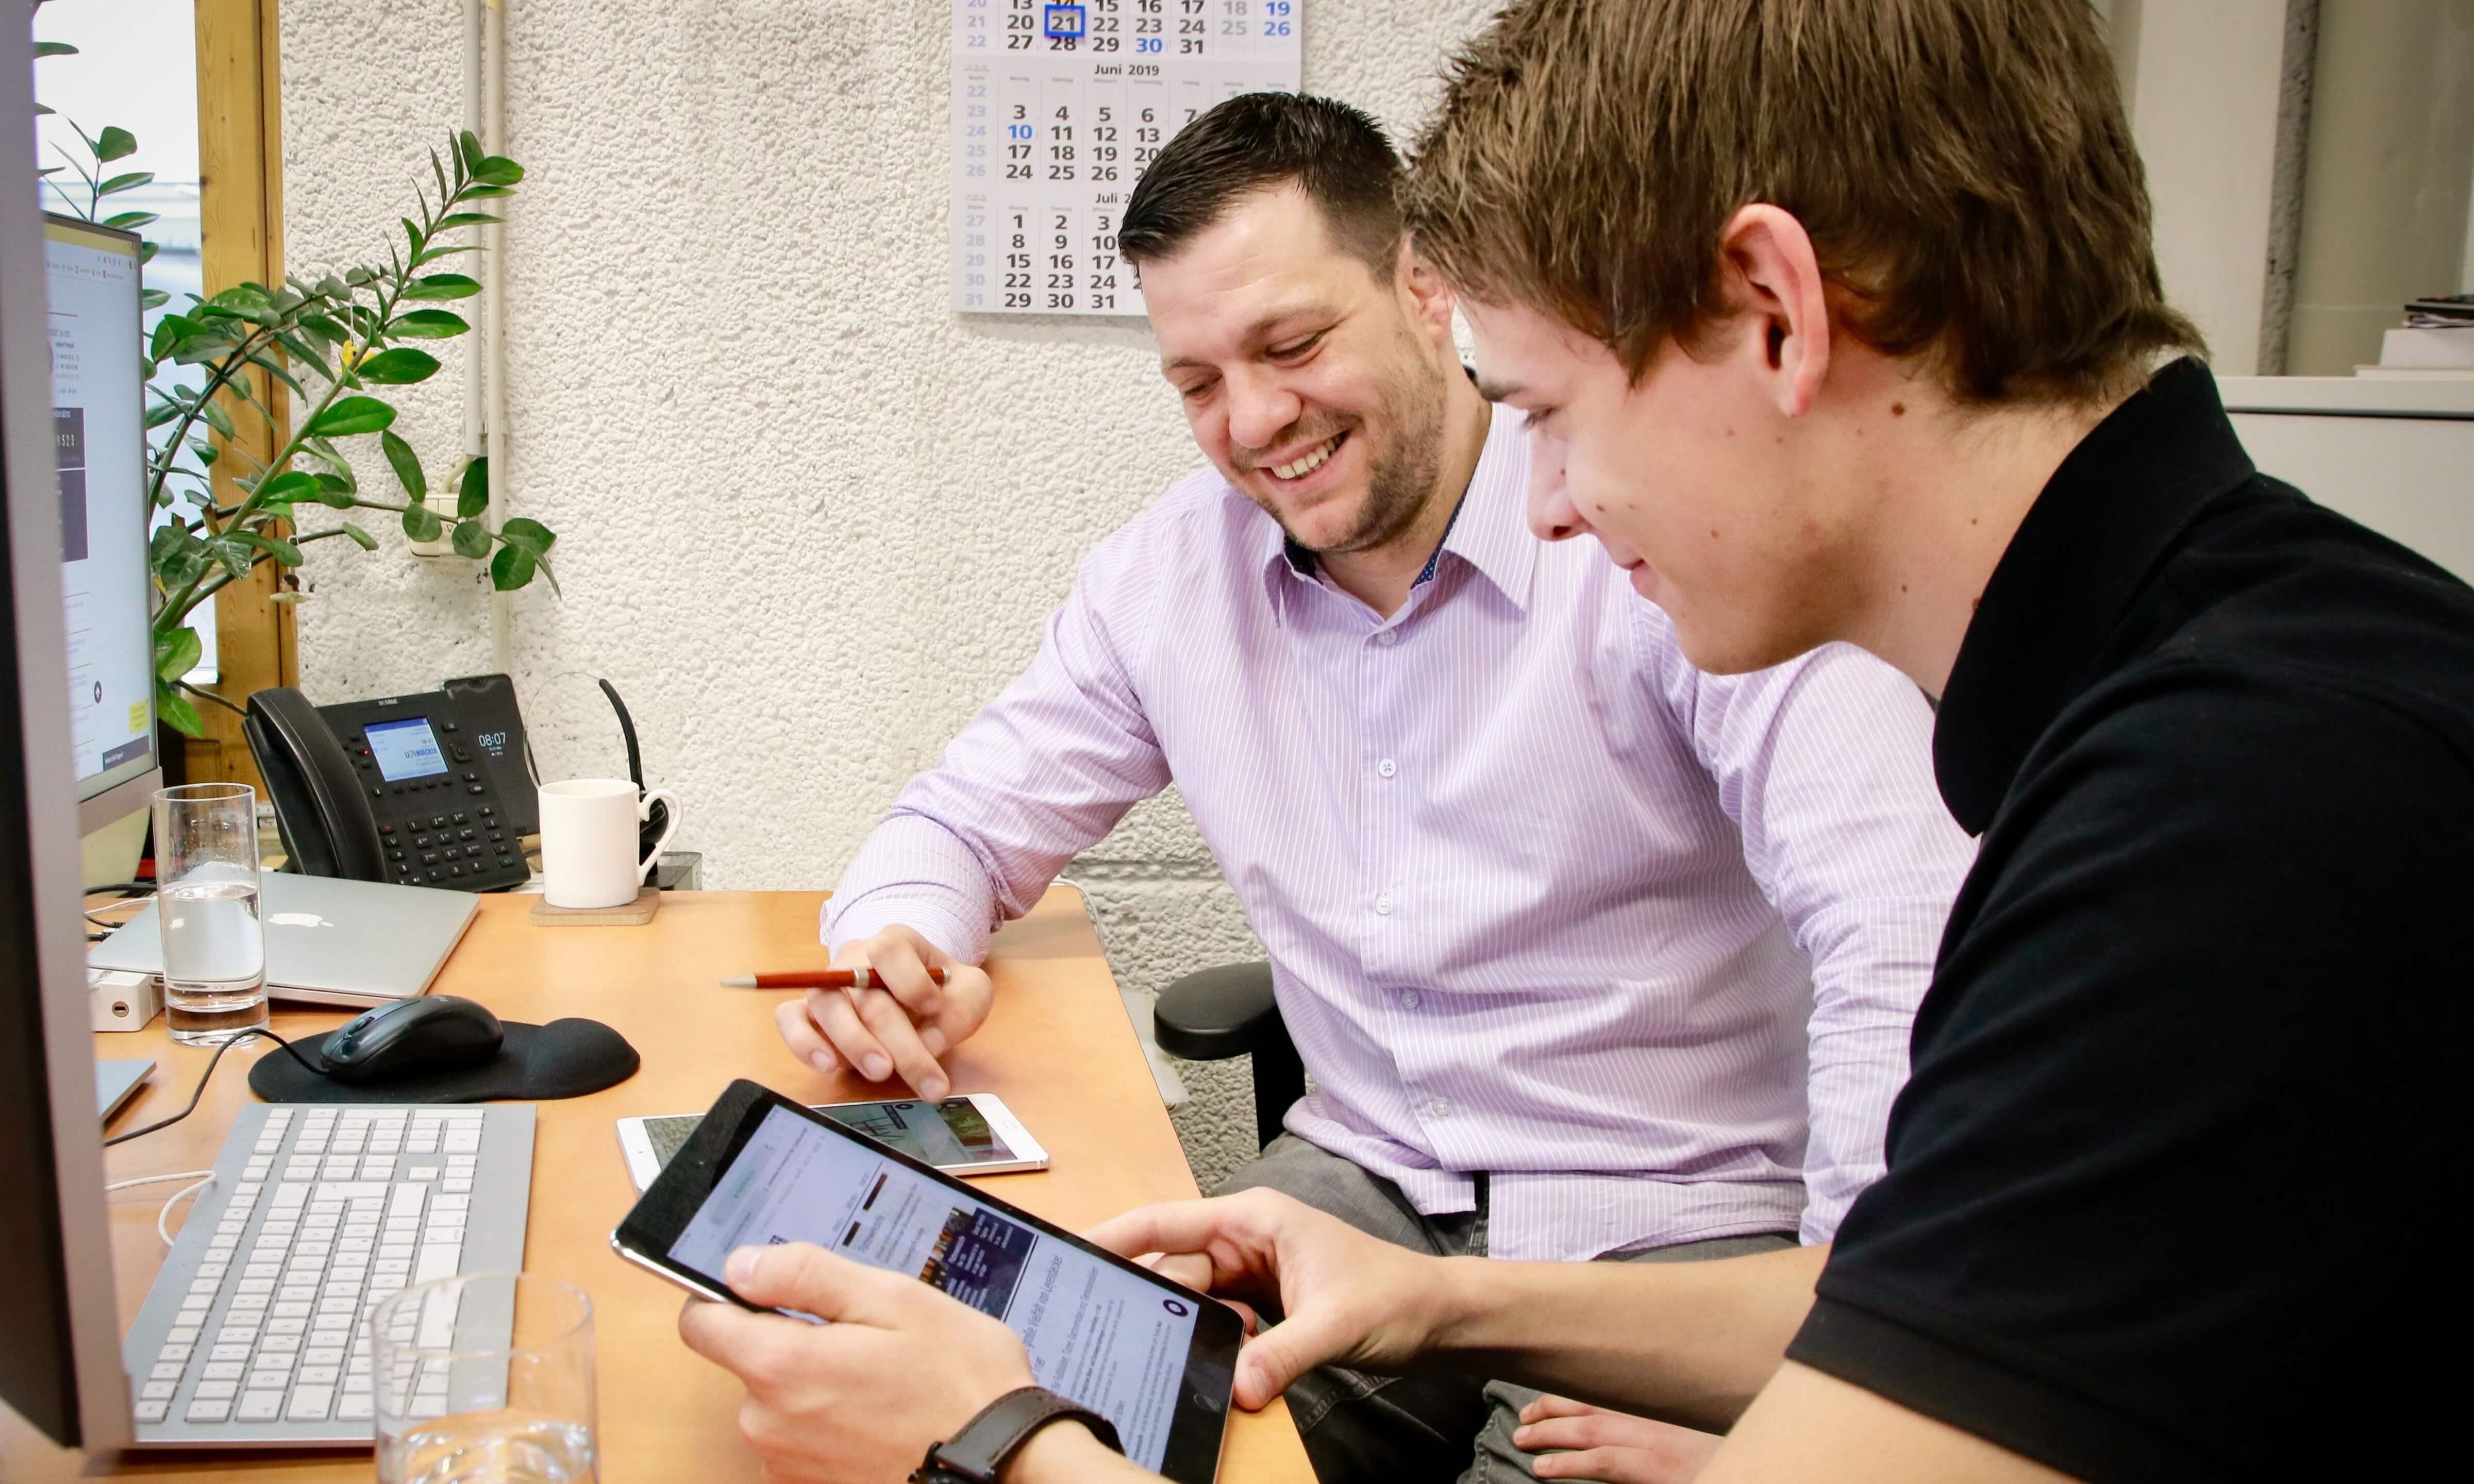 Ausbildung zum/zur Kaufmann/-frau für E-Commerce in Trier